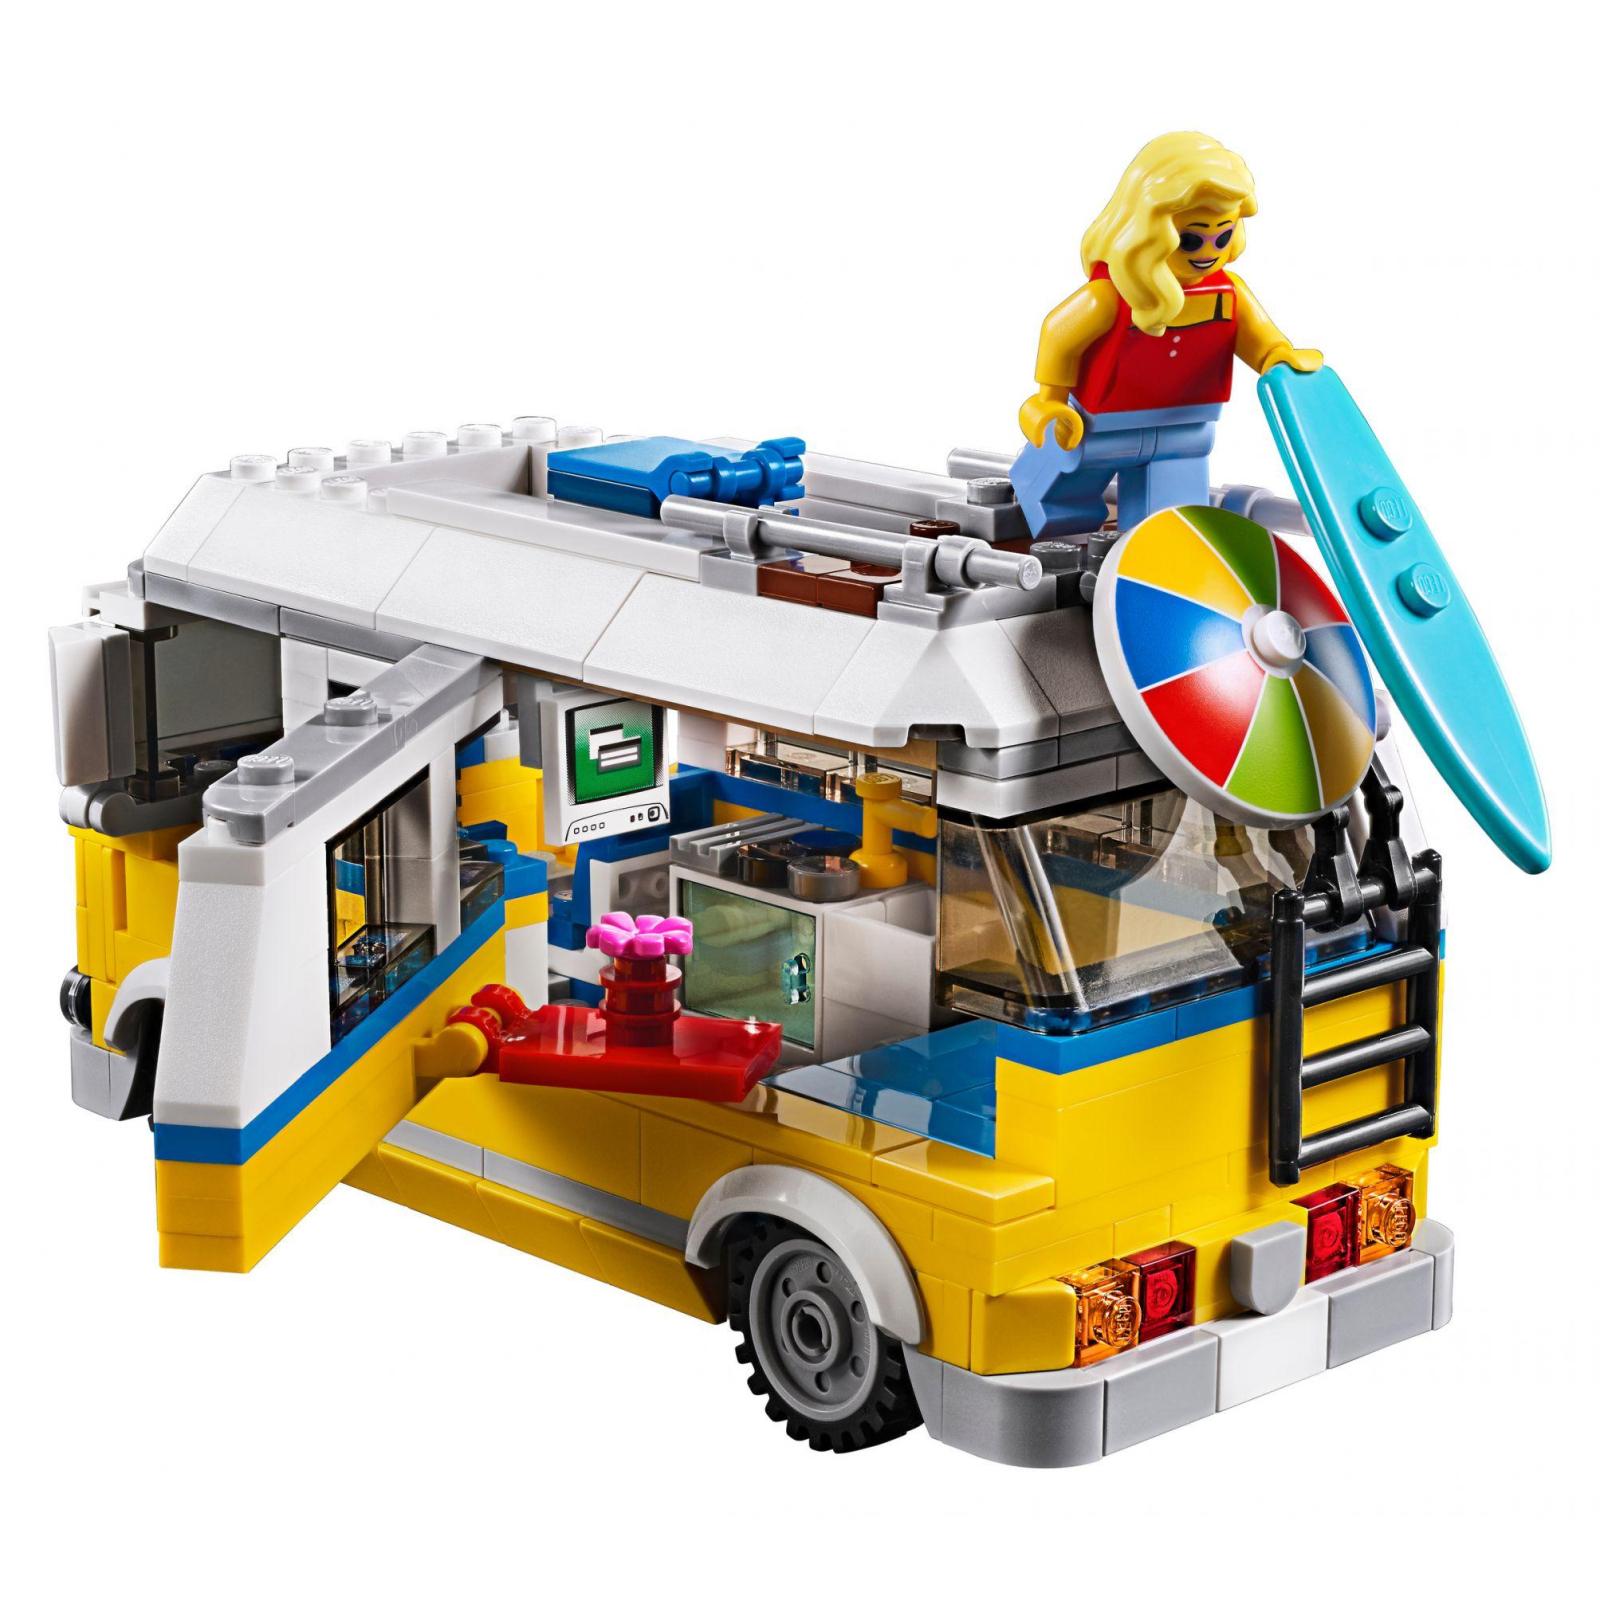 Конструктор LEGO Creator Солнечный фургон серфингиста (31079) изображение 4